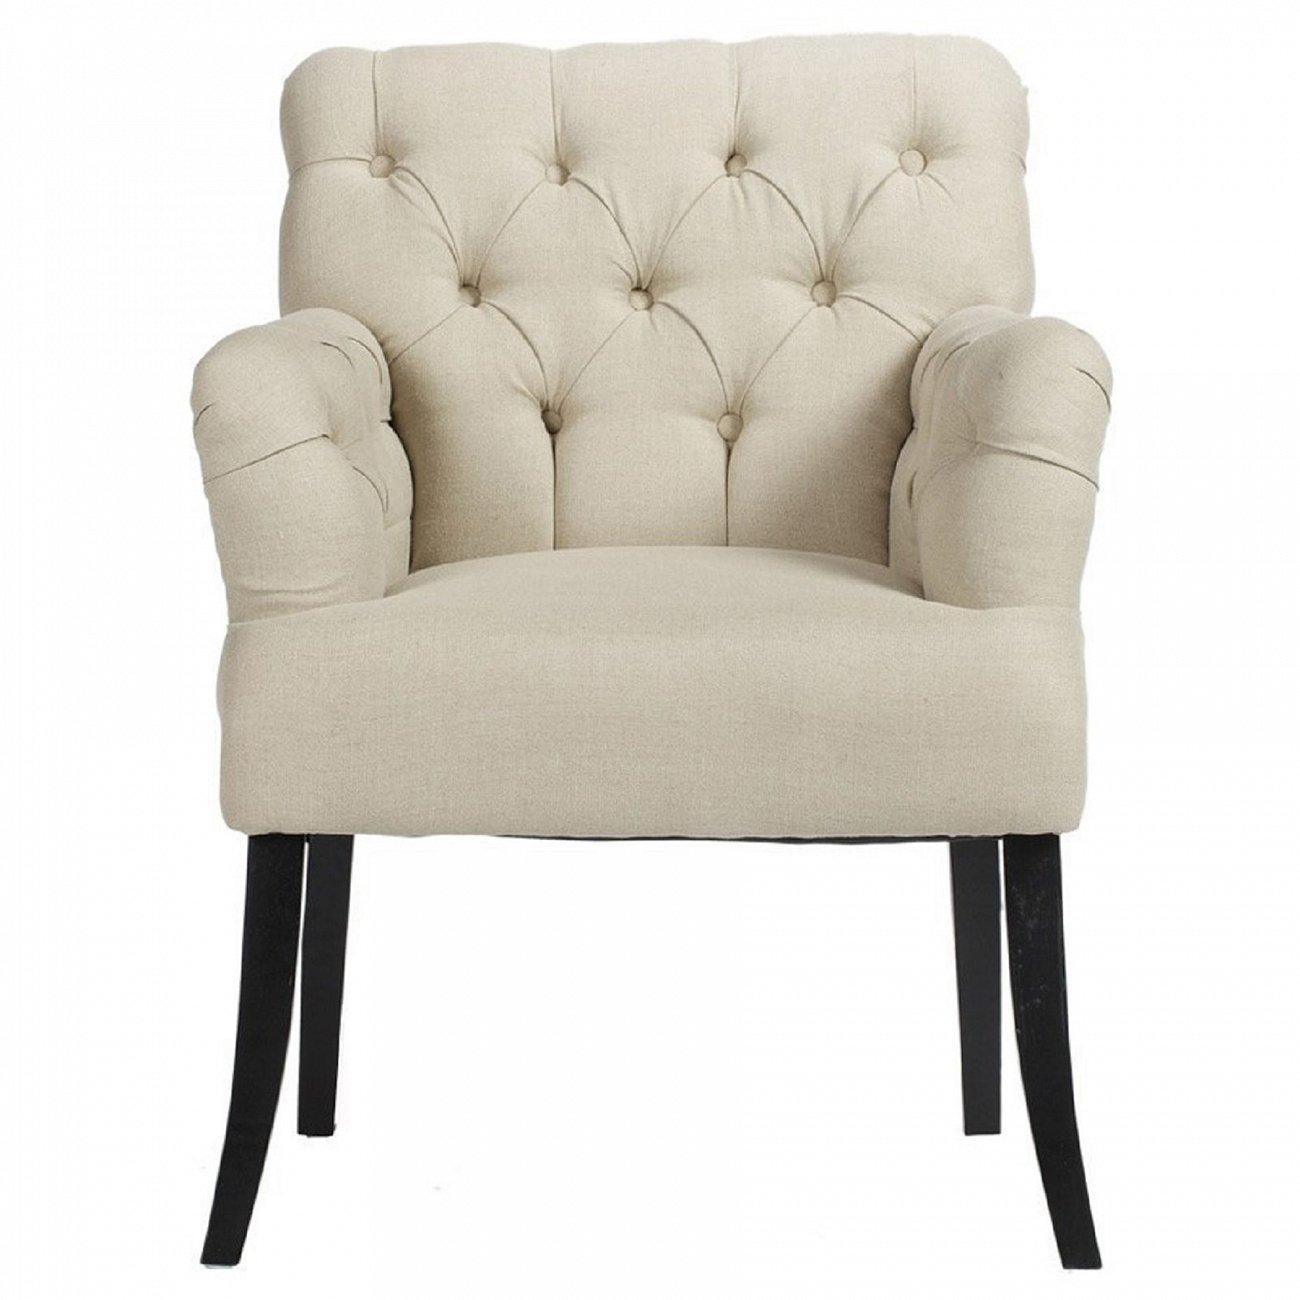 Купить Кресло Castro Armchair Белый Лен в интернет магазине дизайнерской мебели и аксессуаров для дома и дачи